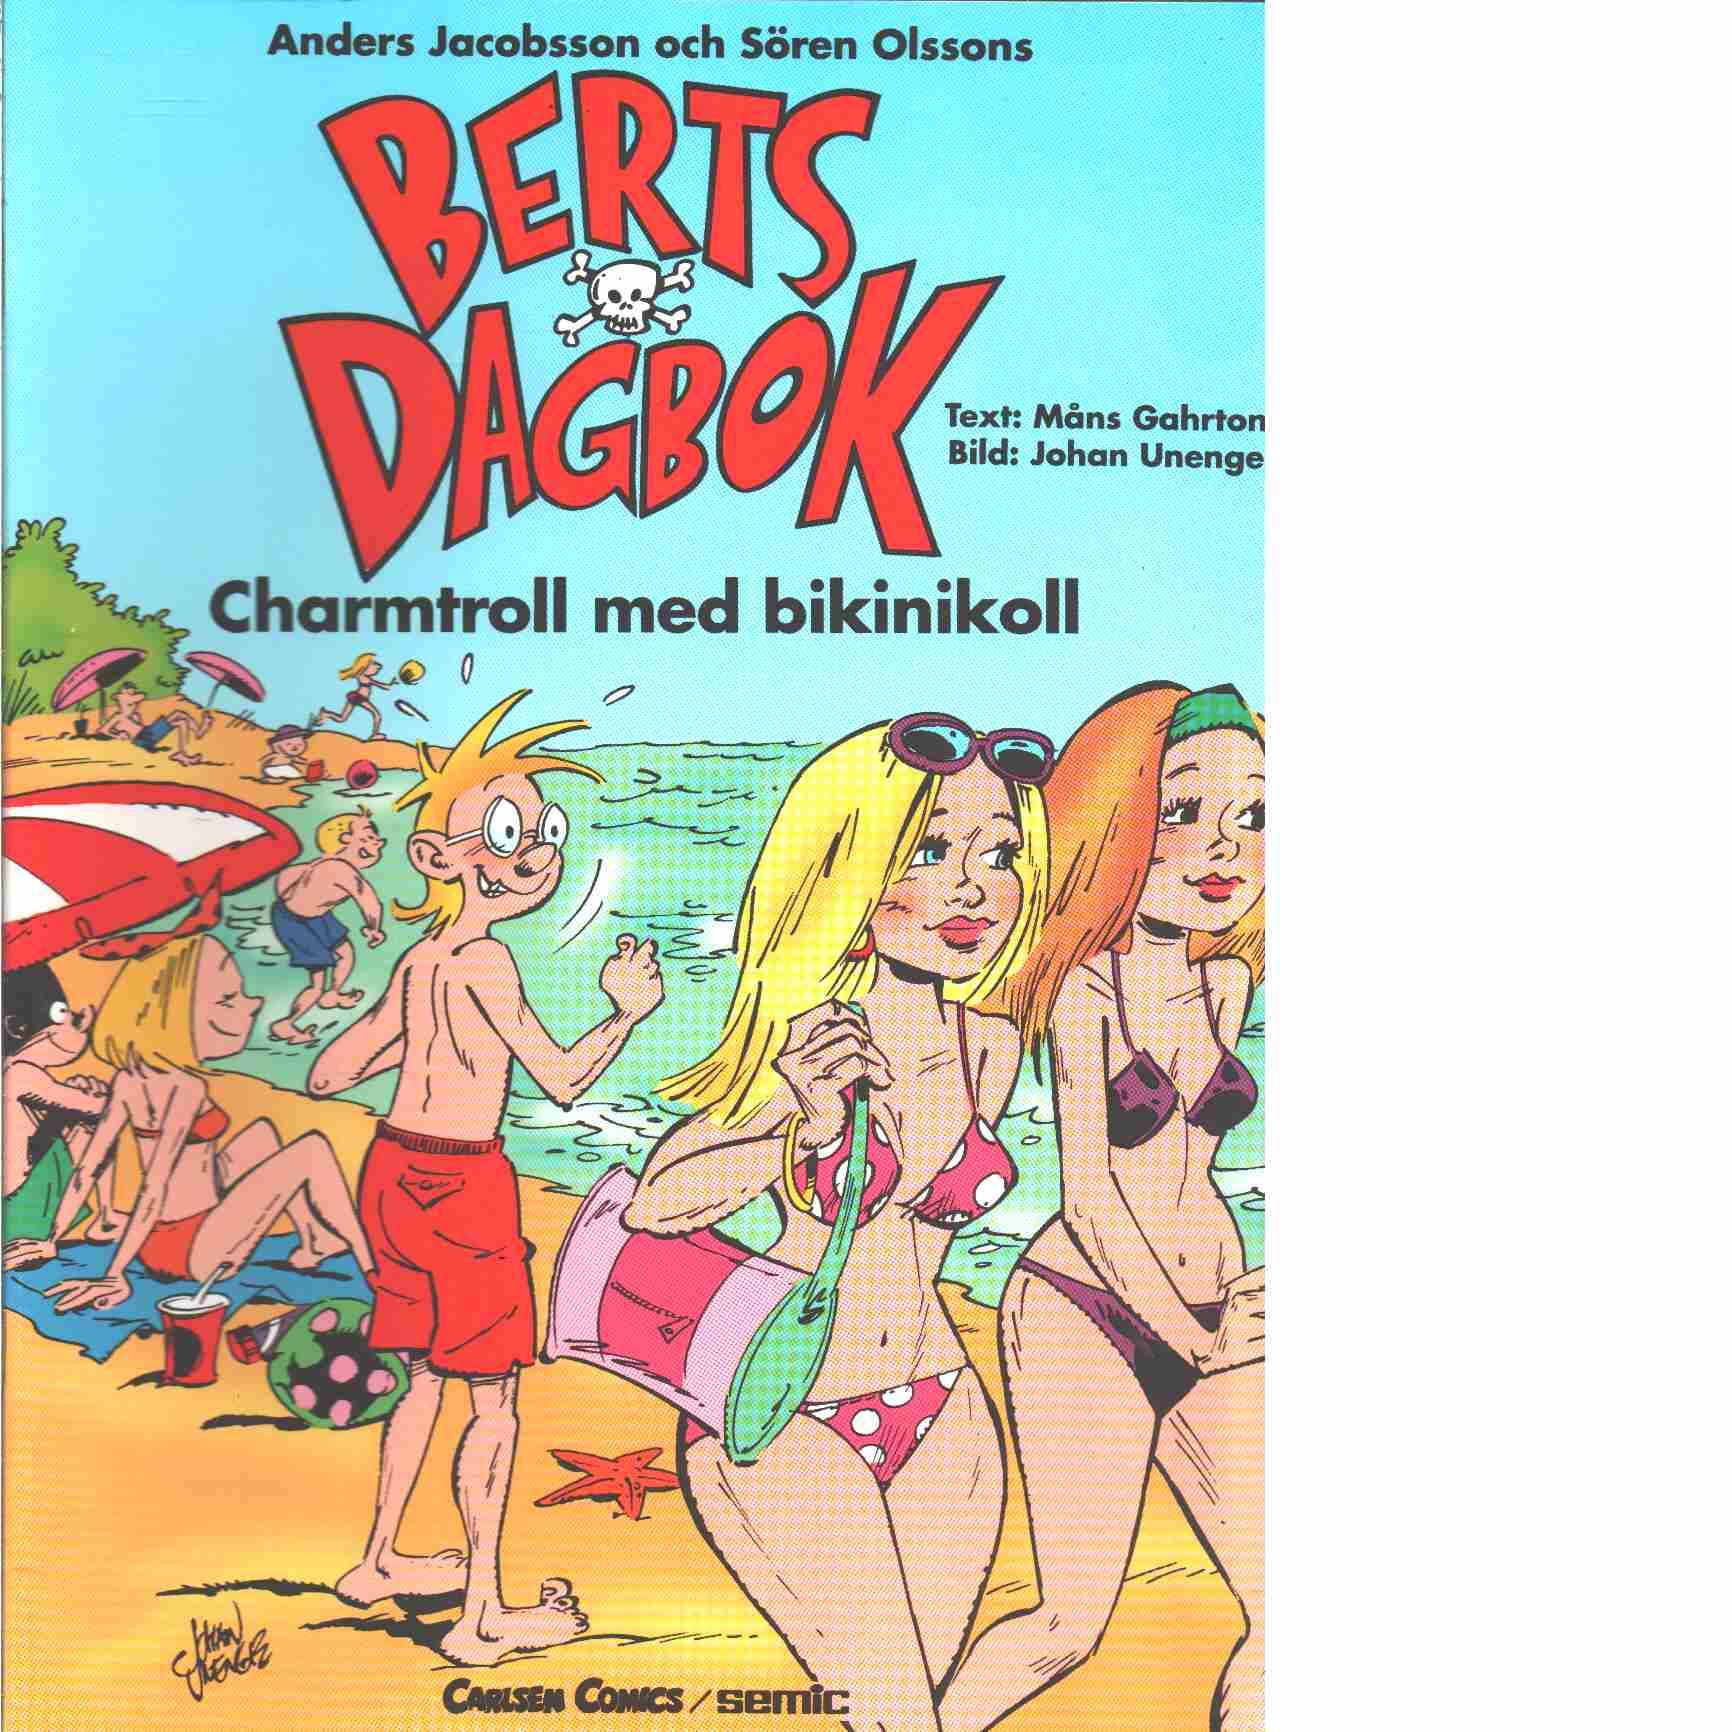 Charmtroll med bikini - Gahrton, Måns och Unenge, Johan